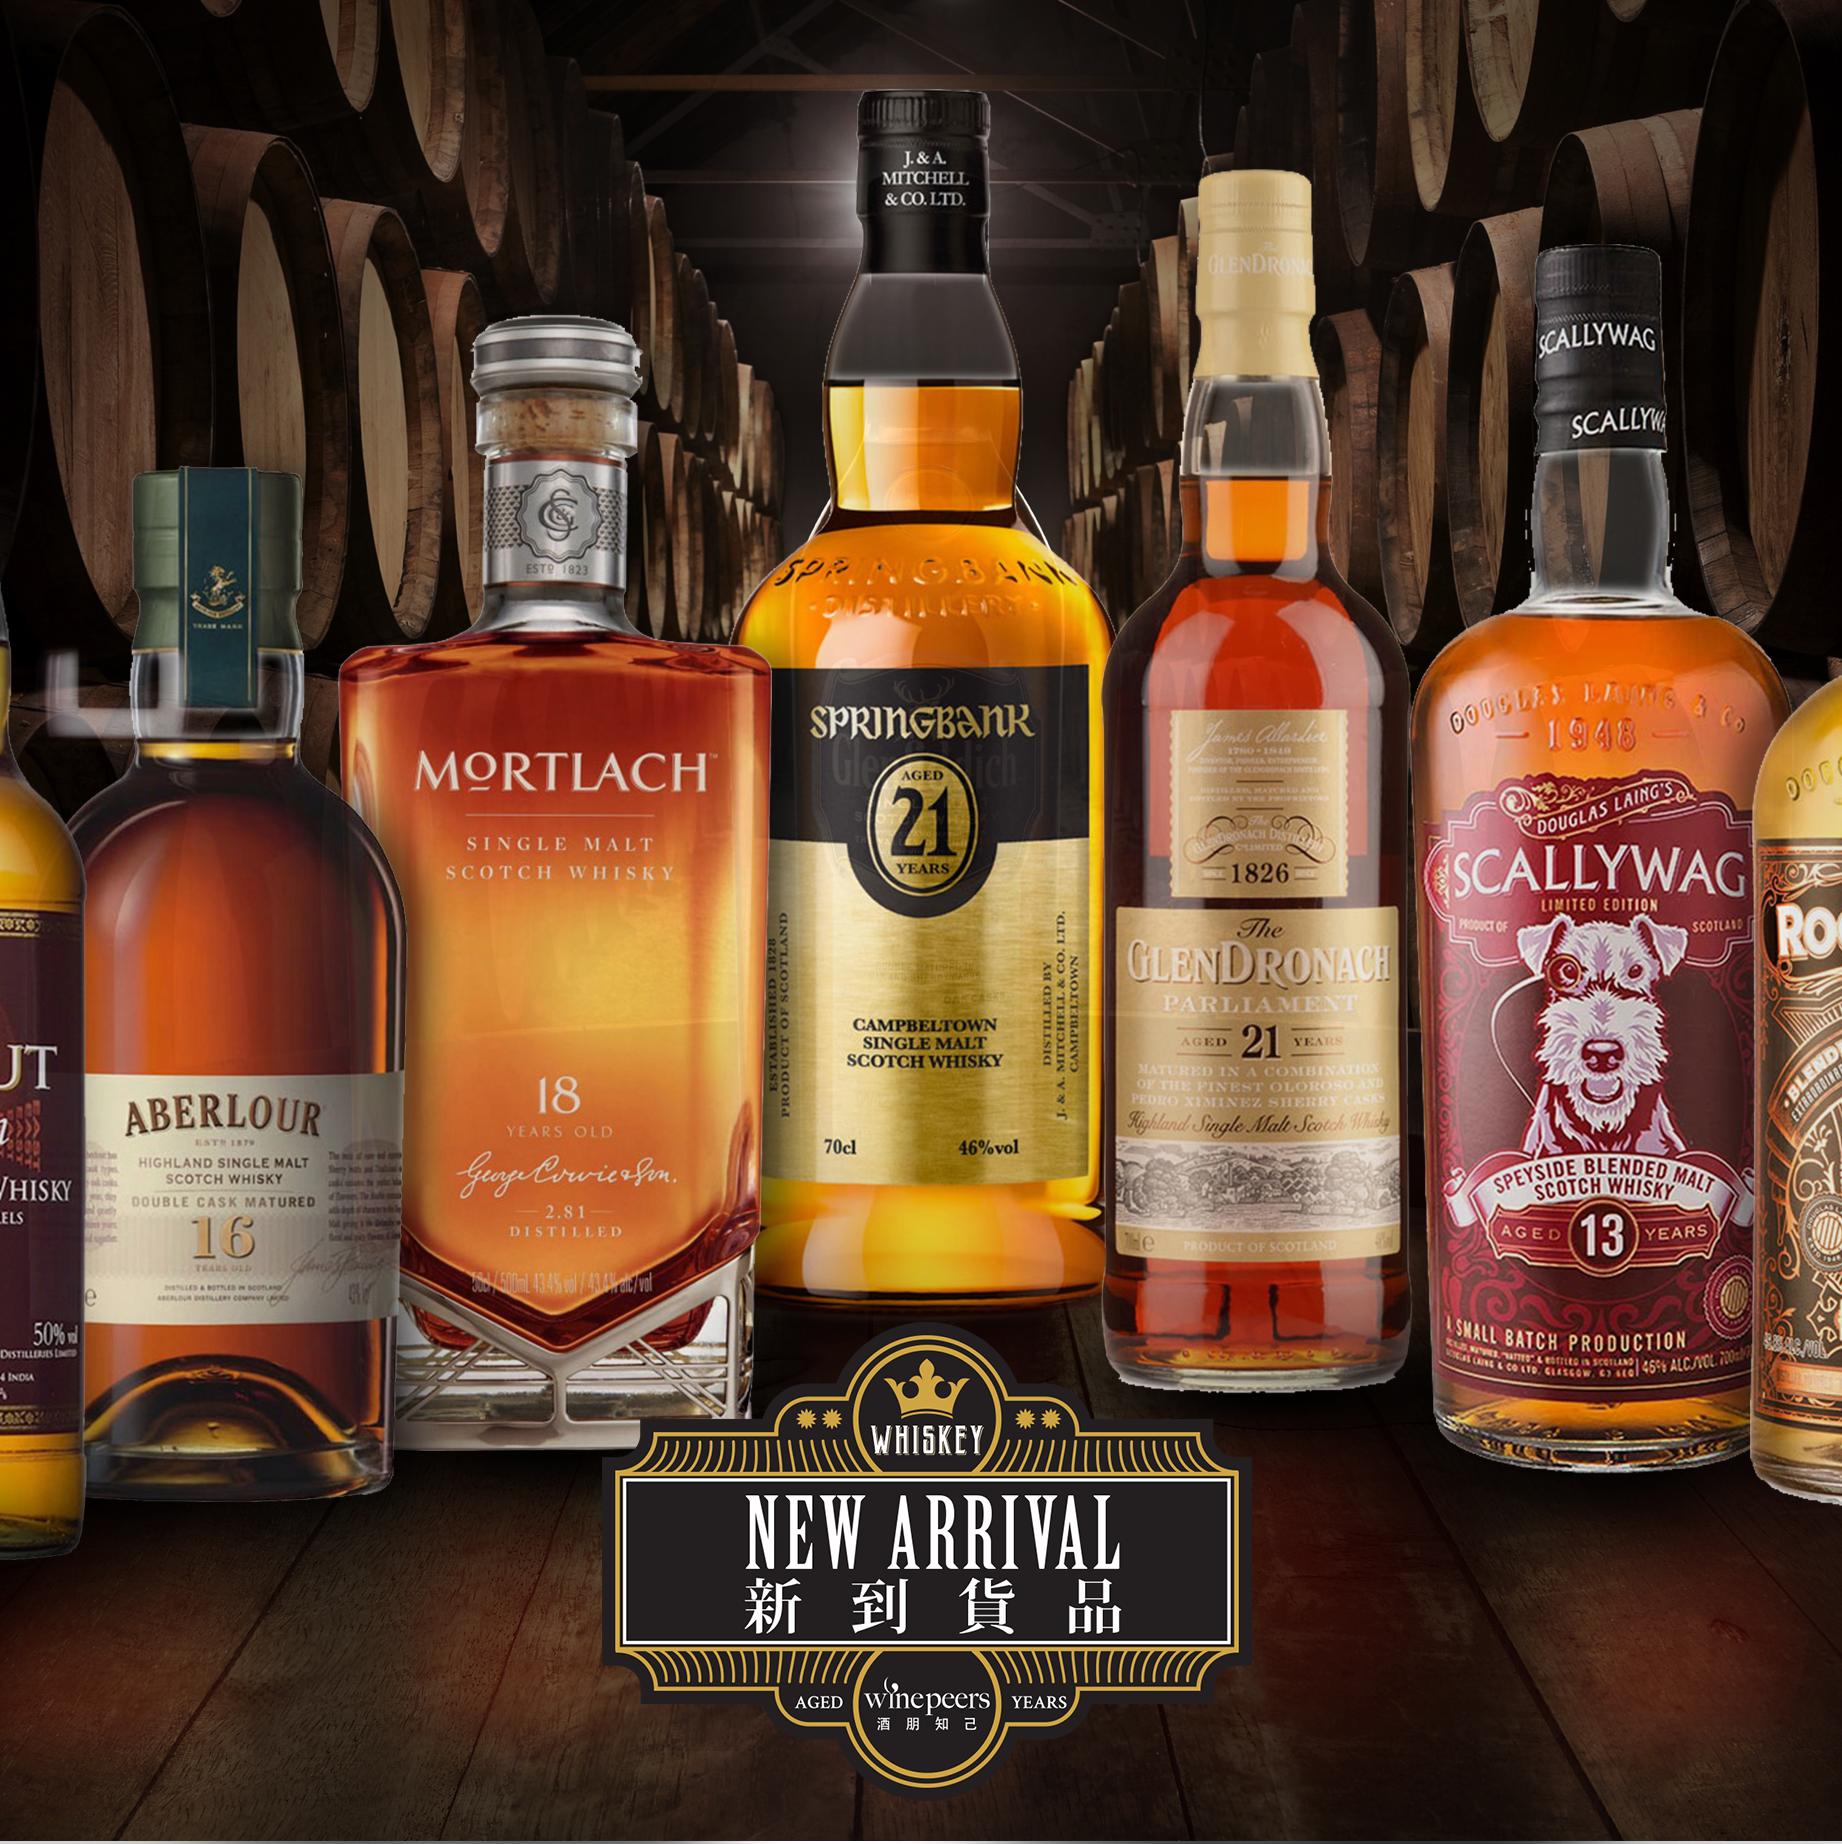 新到威士忌 New Arrival Whisky (詳情按此)